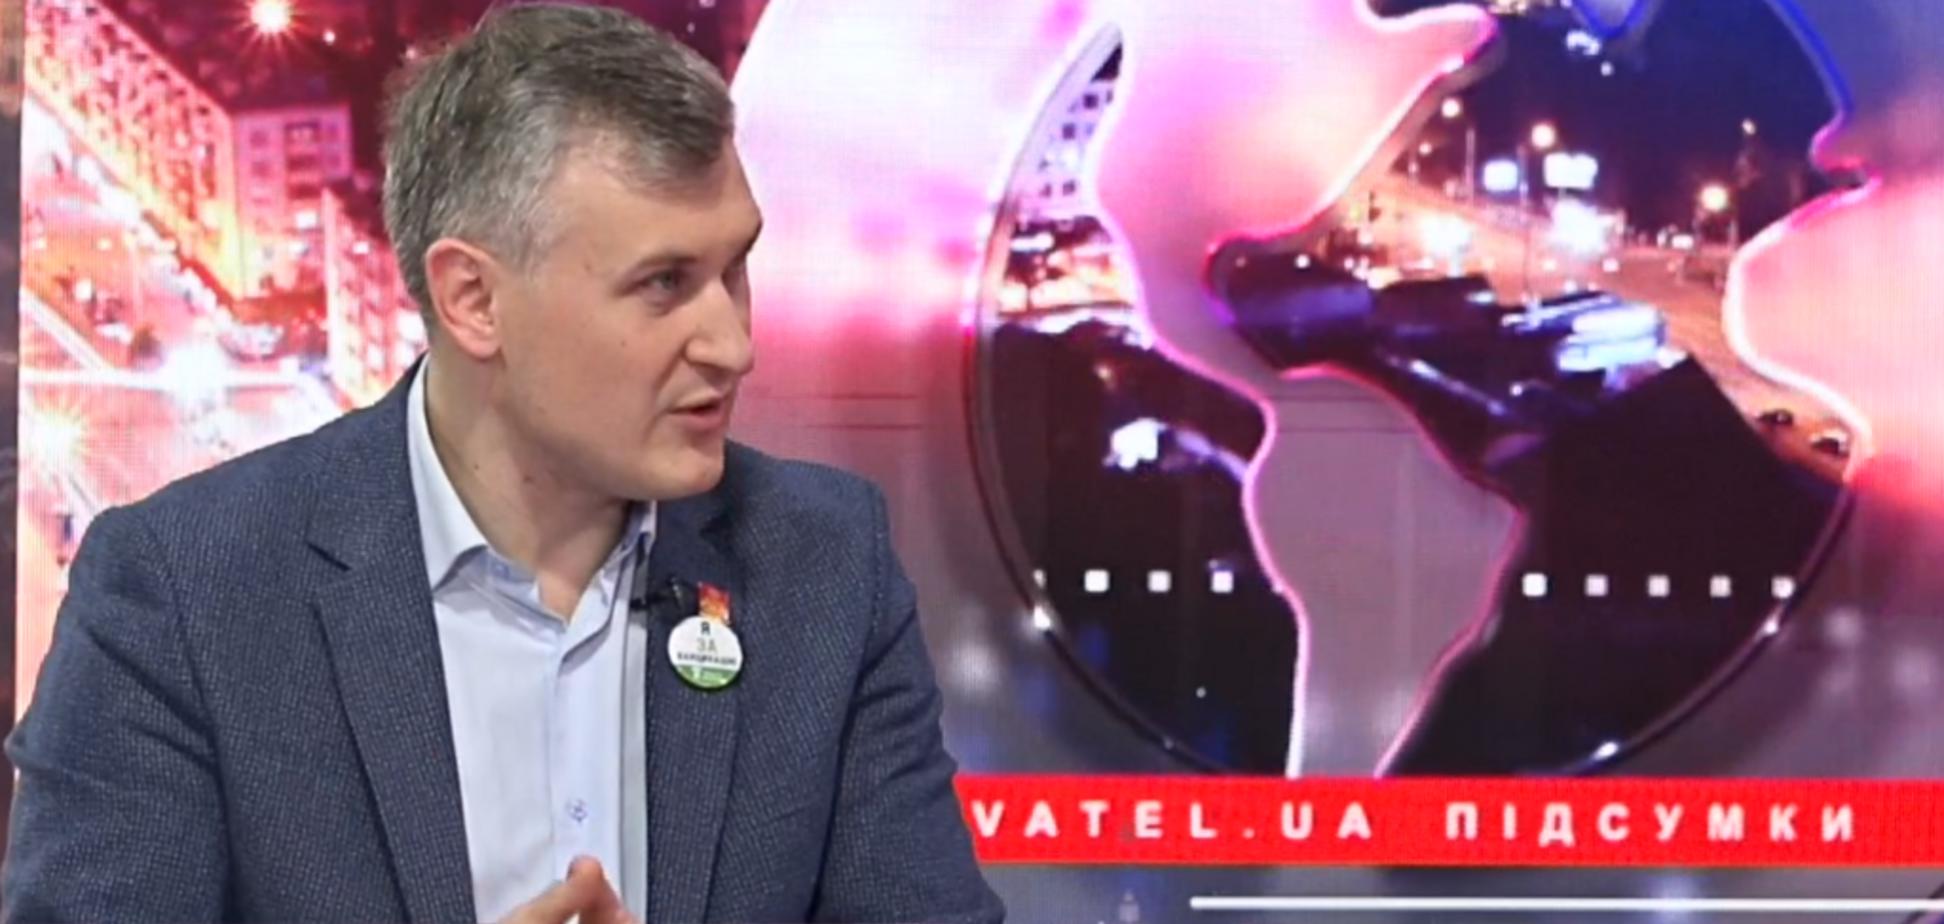 Вакцинация в Украине: для соседей мы до сих пор черное пятно - активист